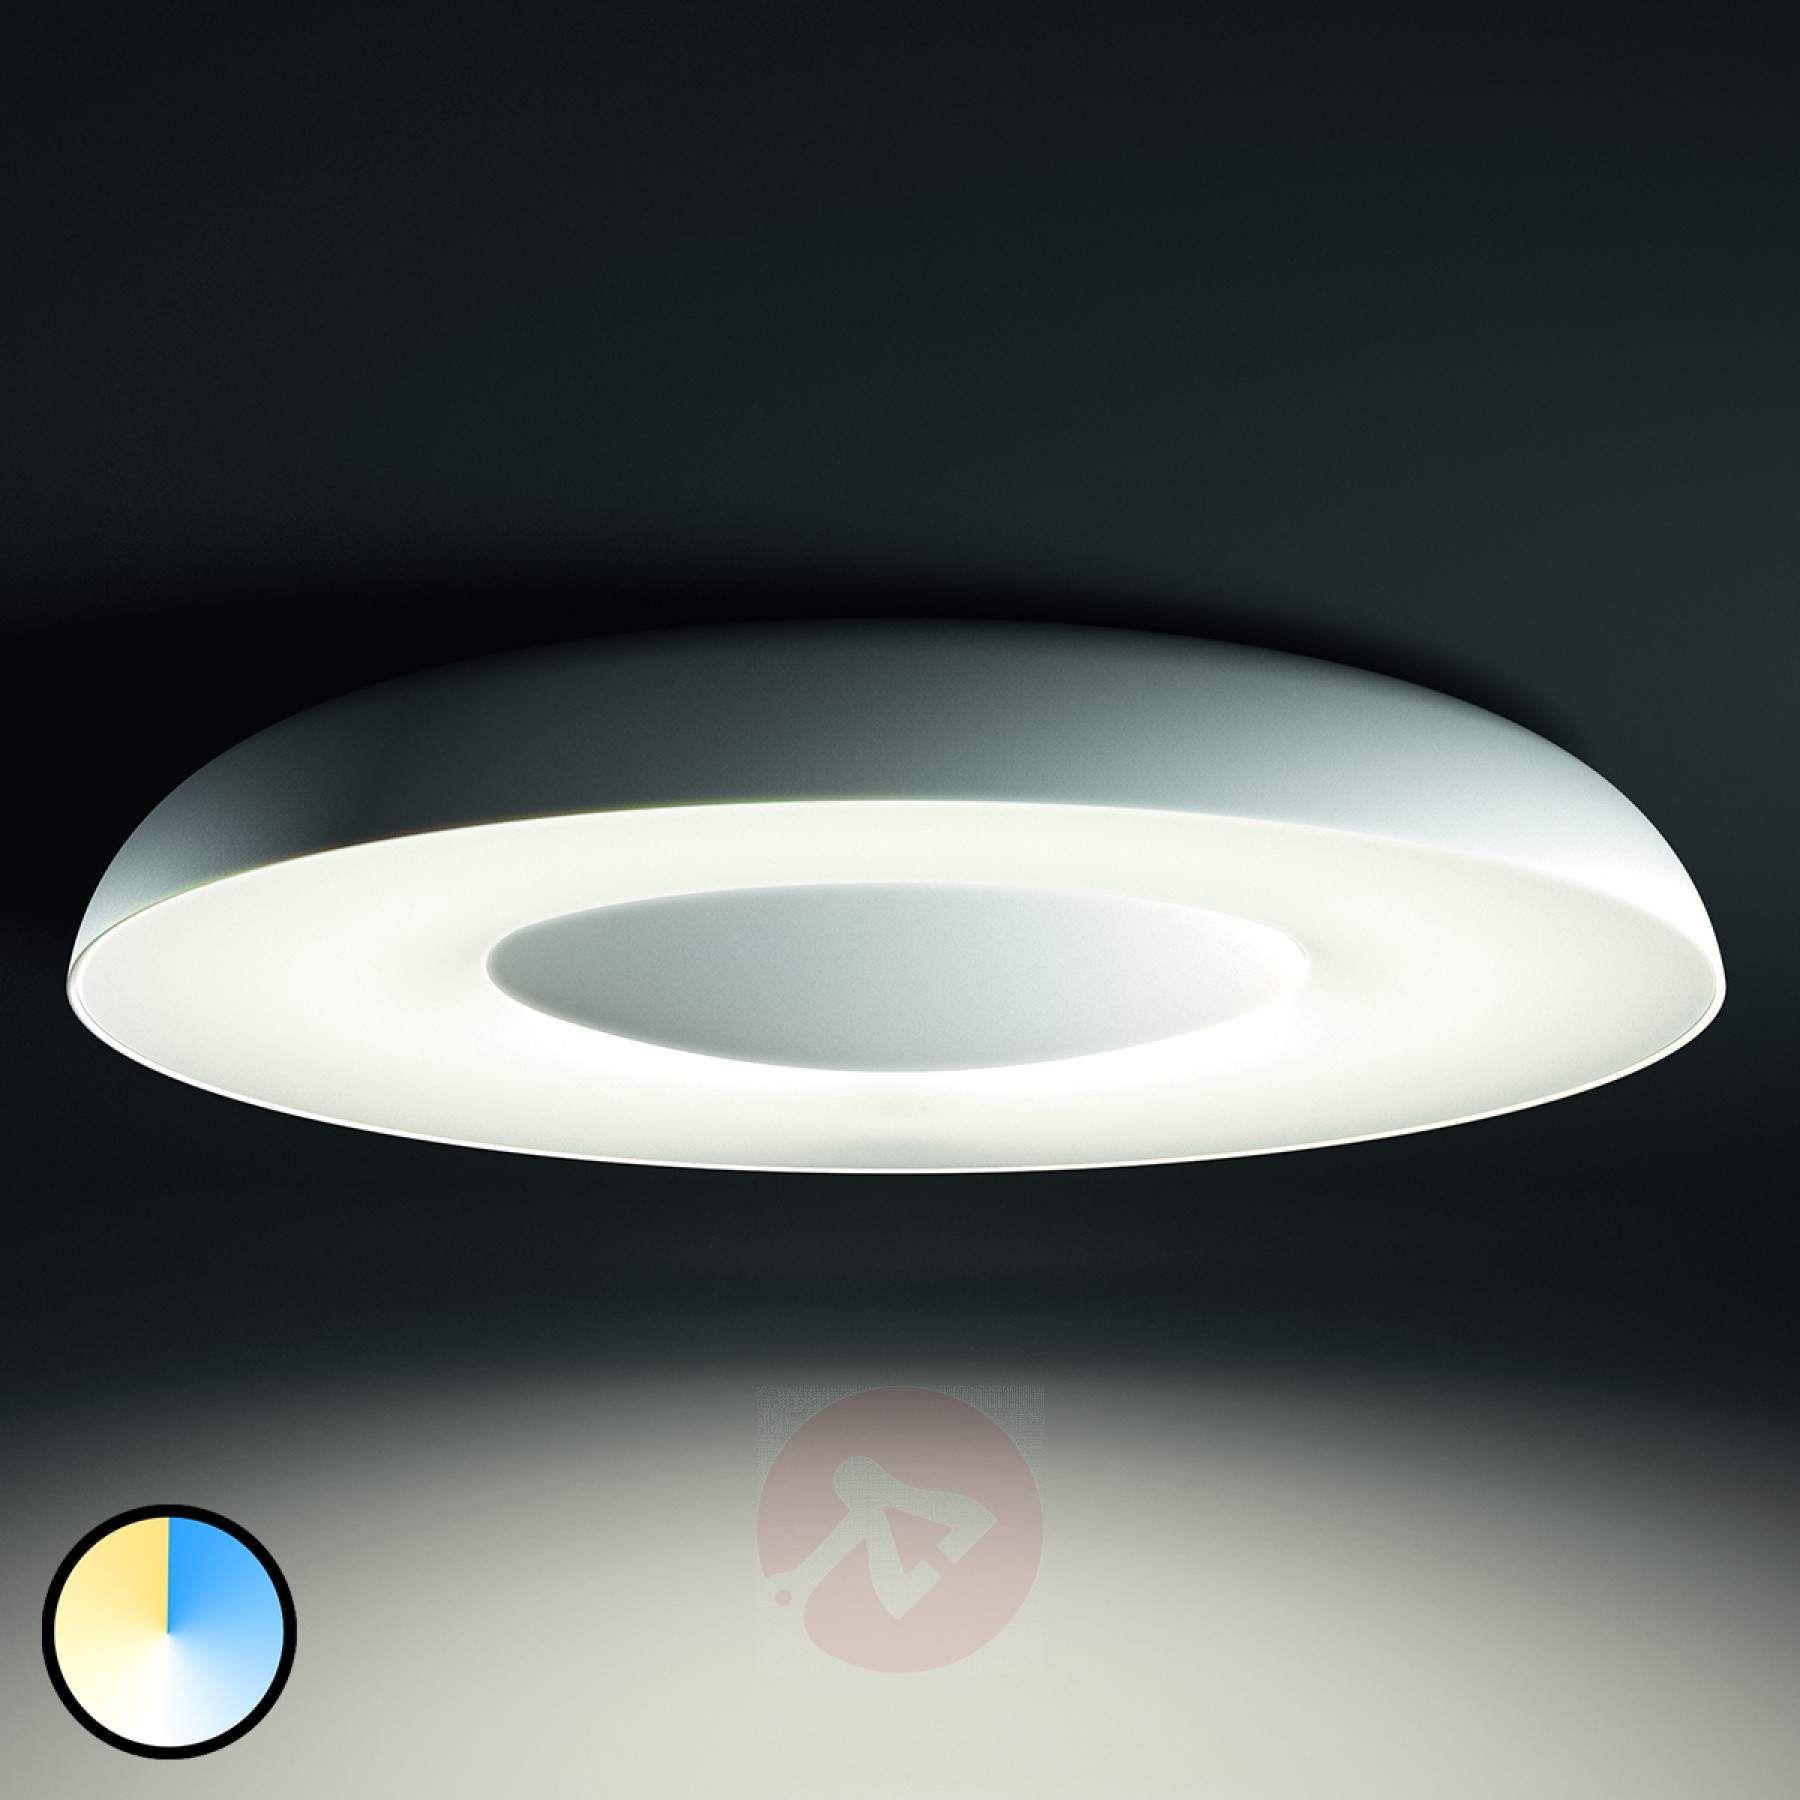 Philips Hue Still Deckenlampe Dimmschalter Weiss 7531869 01 Deckenlampe Weiss Deckenlampe Badbeleuchtung